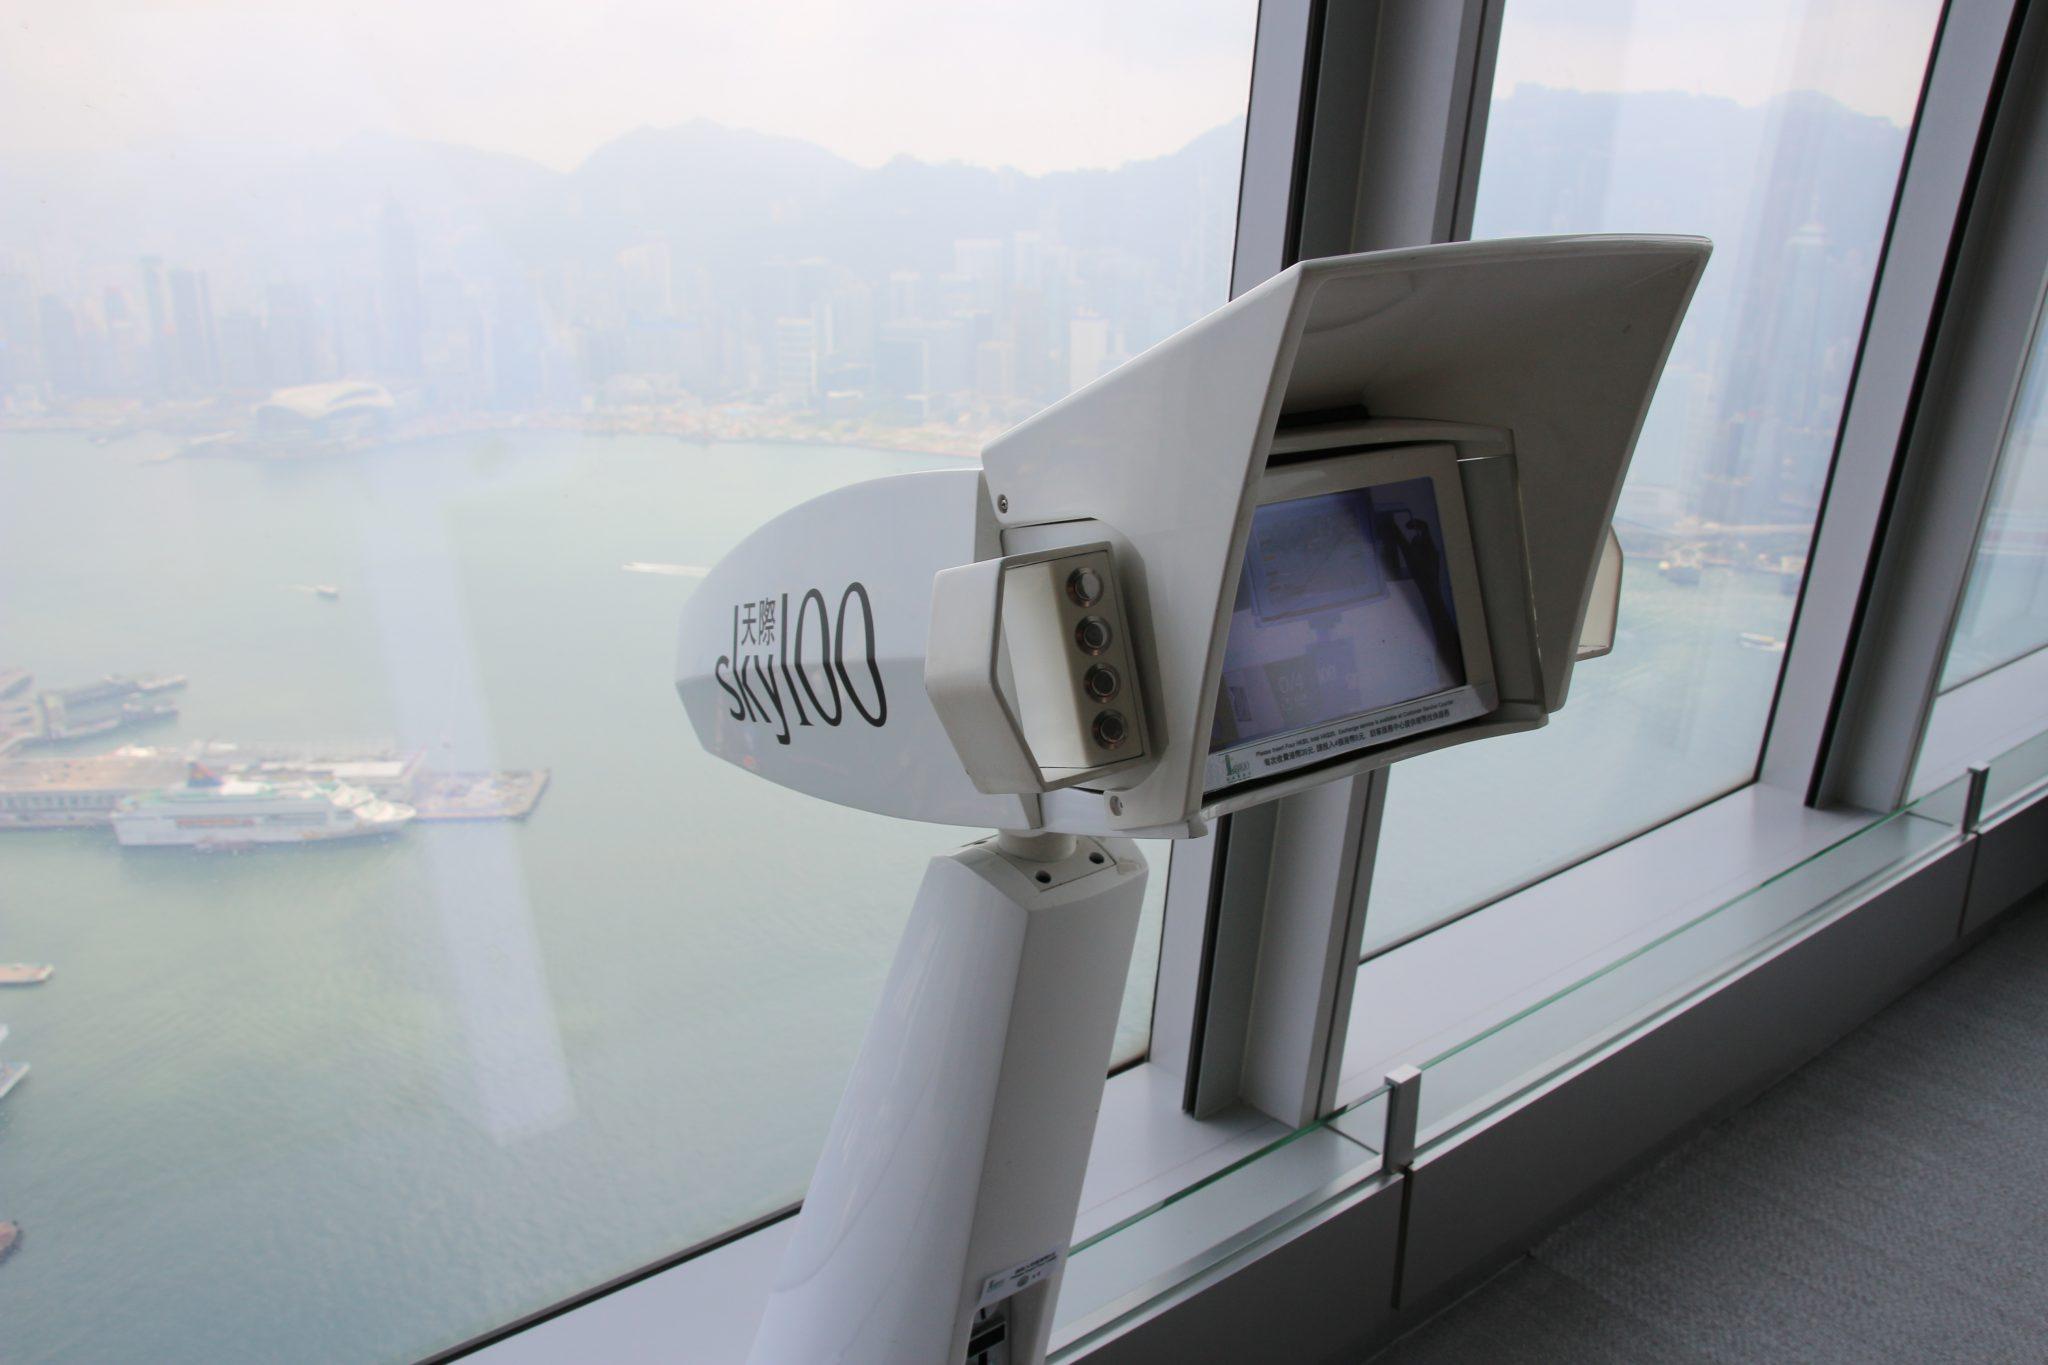 Sky 100 Observation Deck, Hong Kong